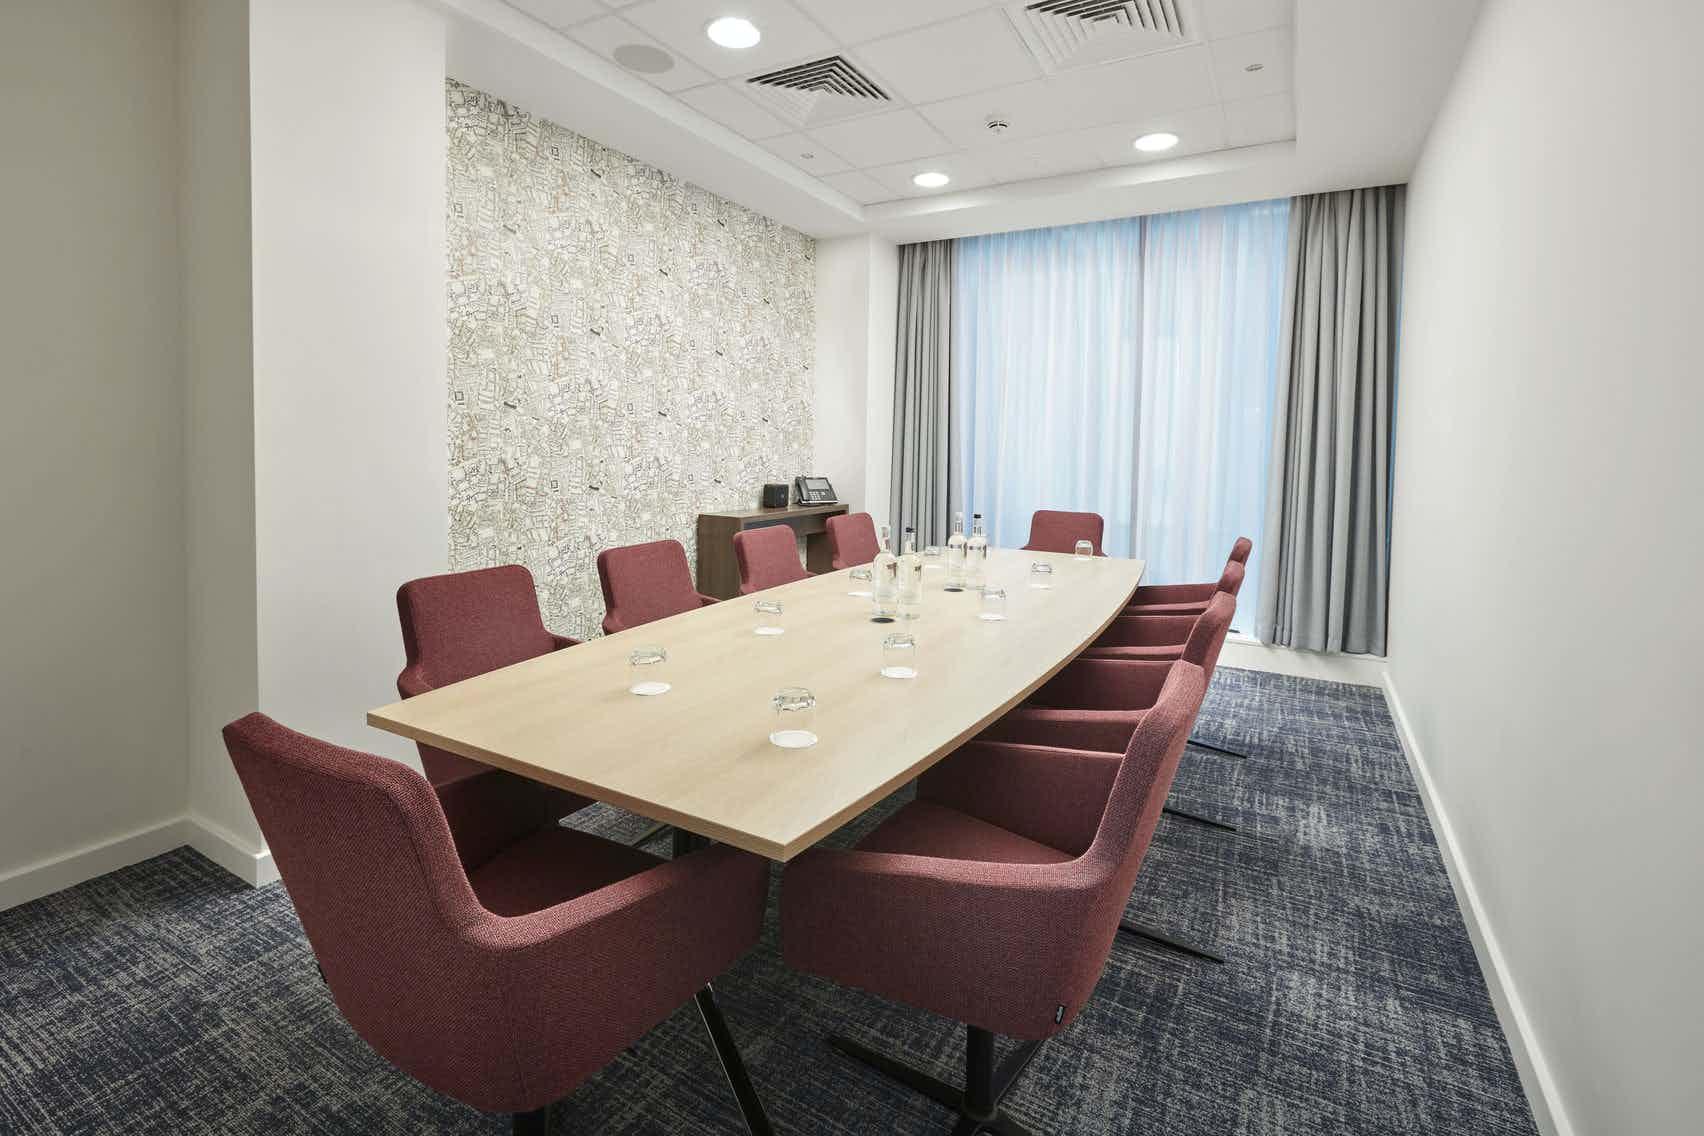 Meeting Room 7, Marlin Waterloo